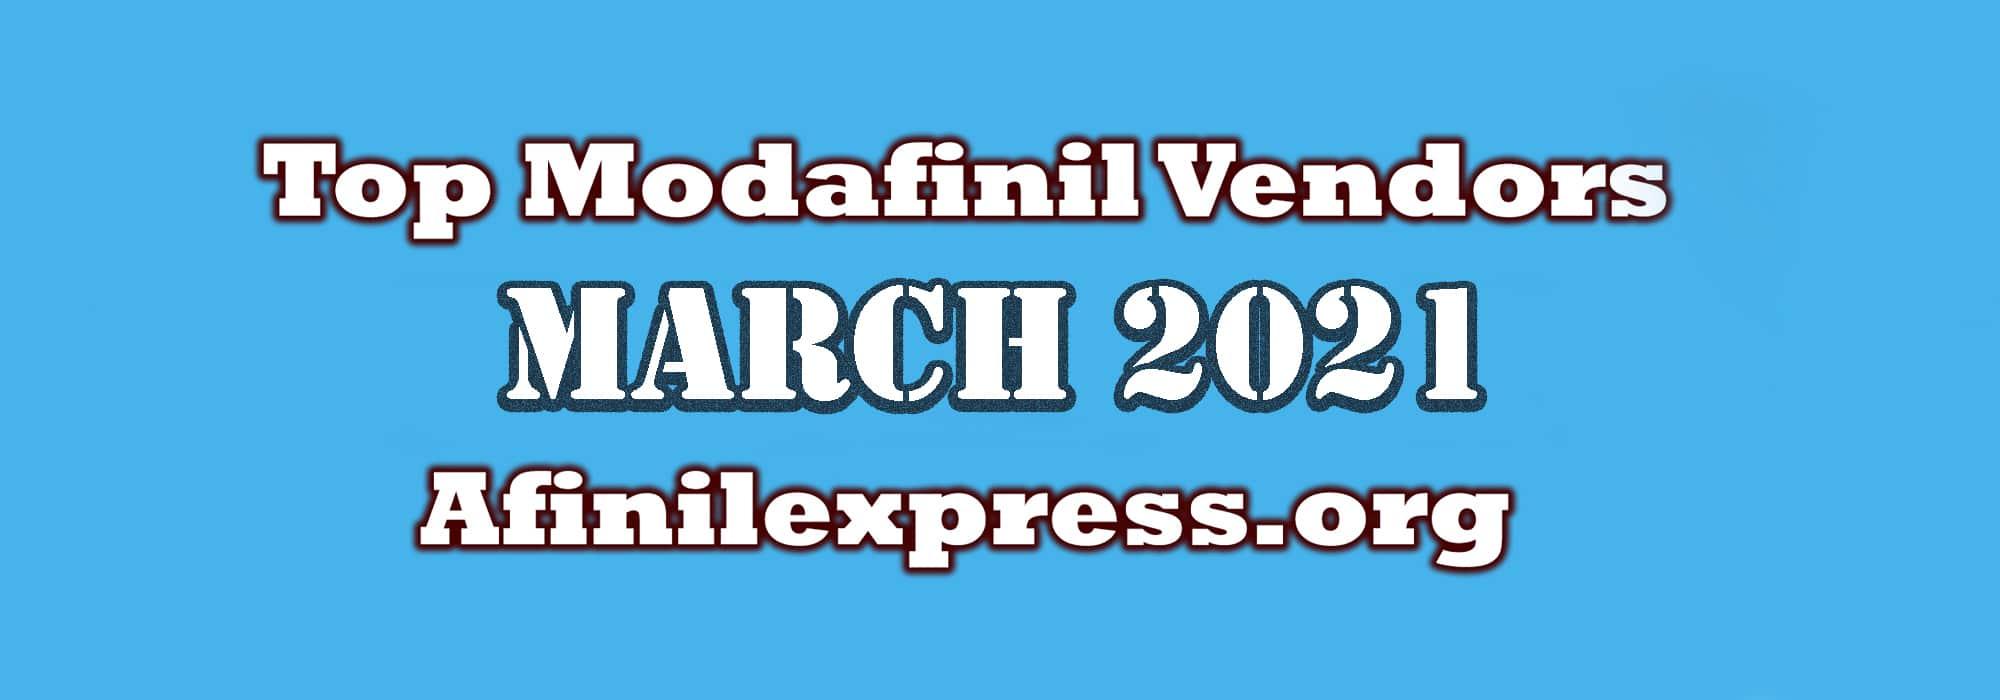 Top 3 Modafinil Vendors March 2021